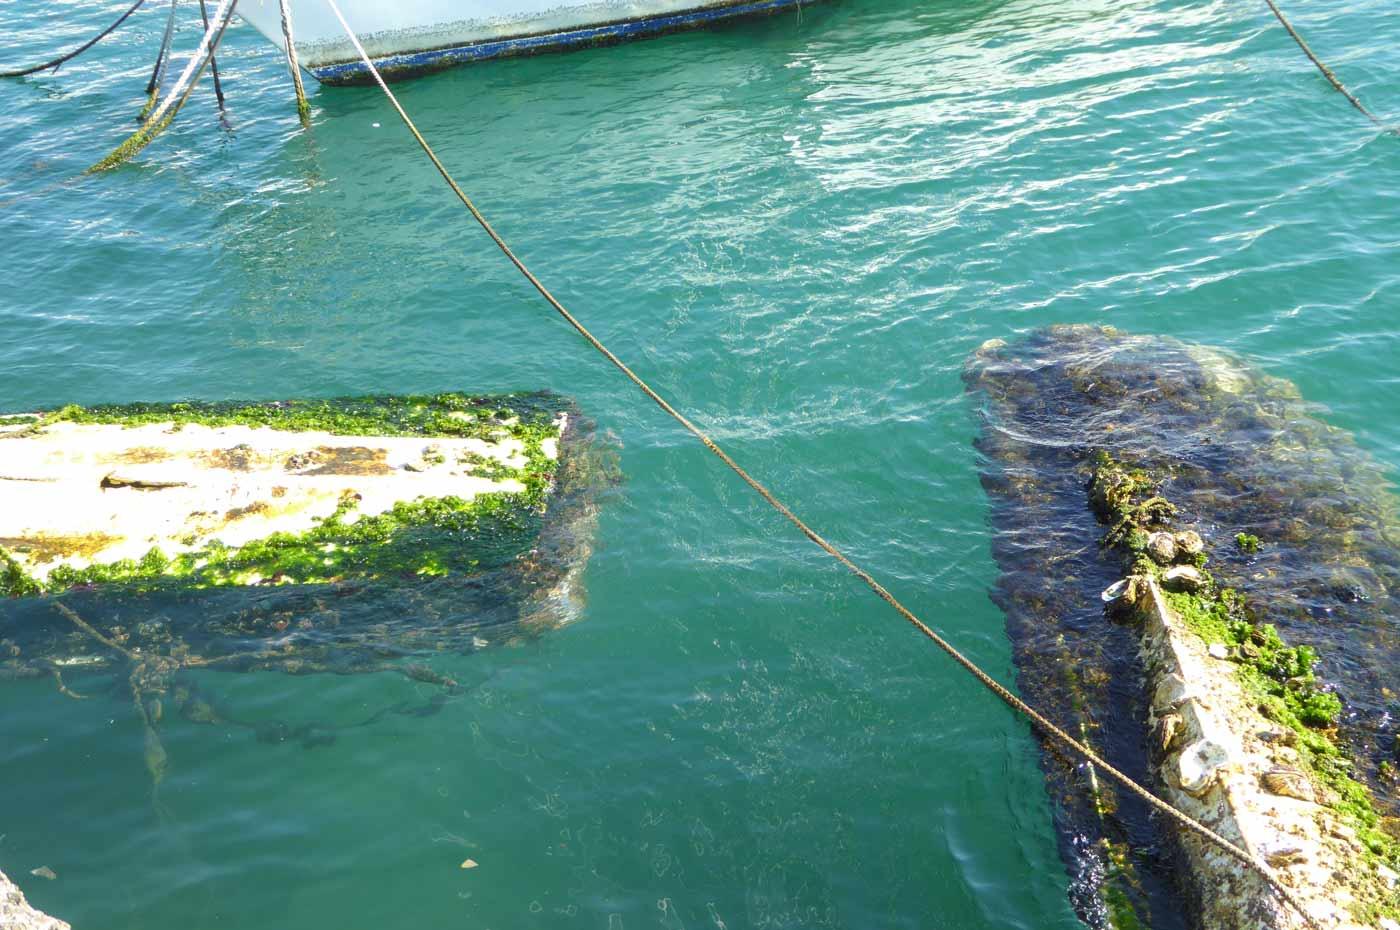 築港堤防の障害物の画像